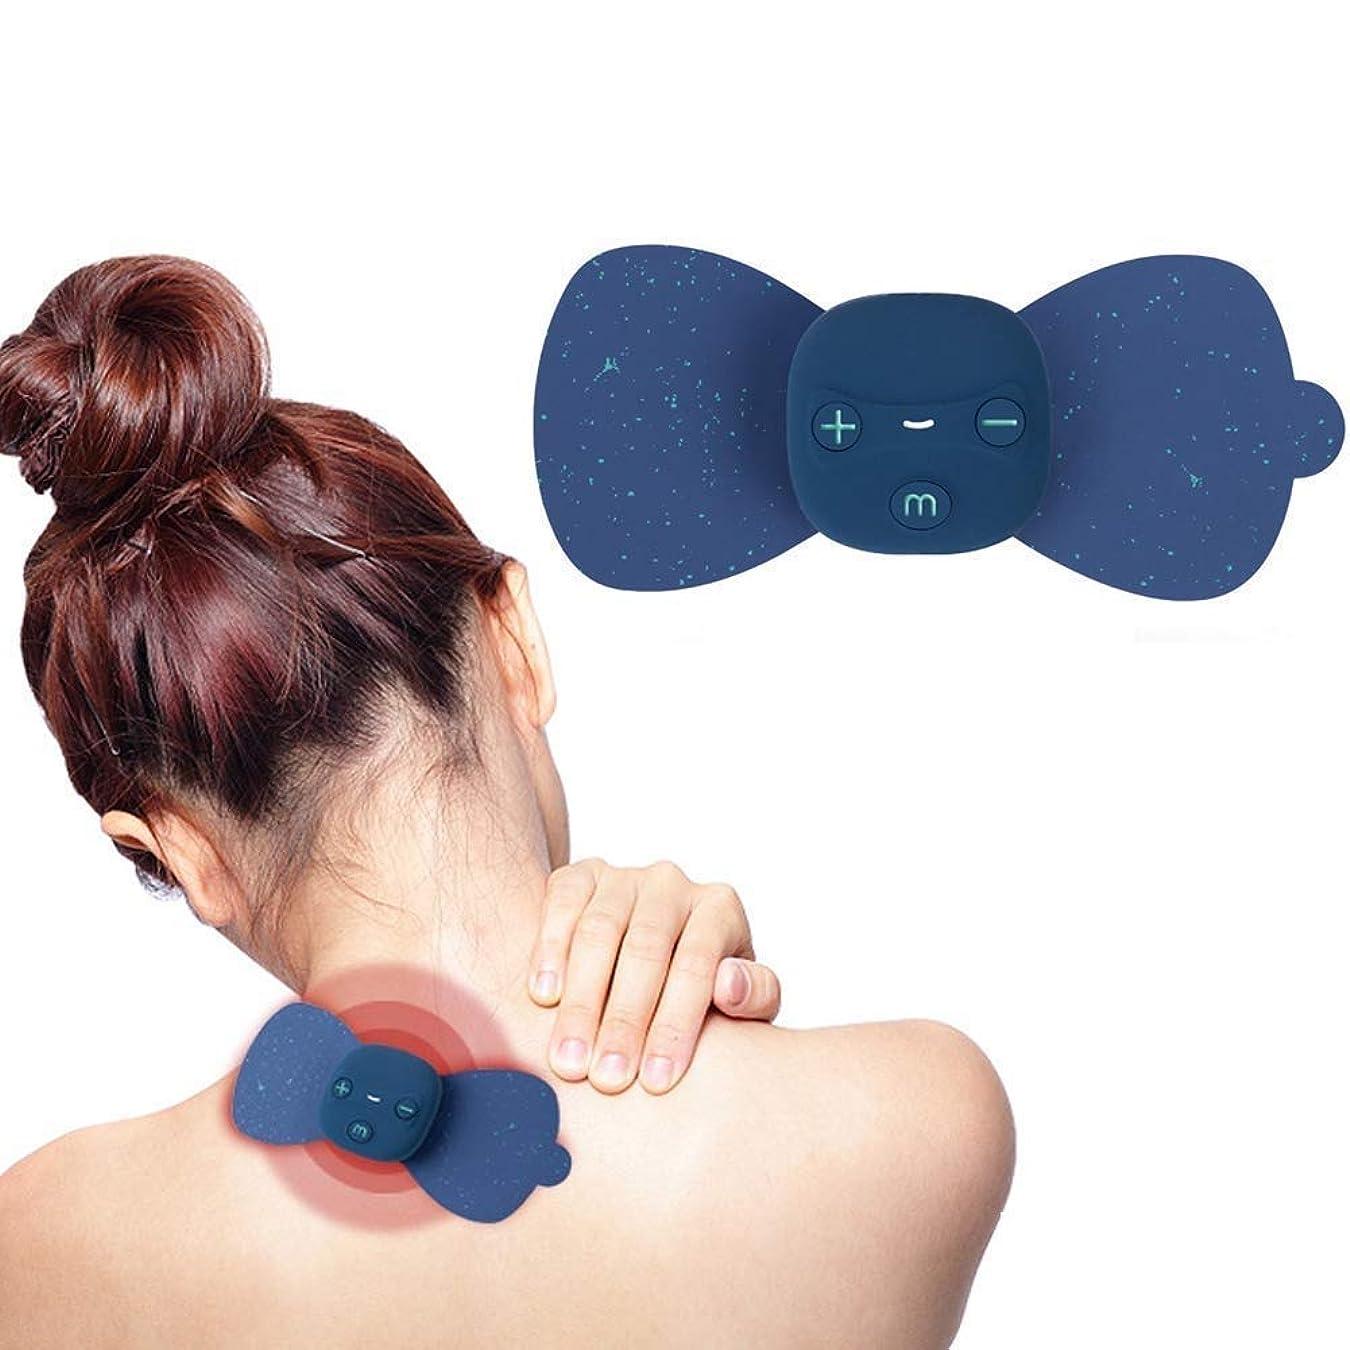 組コンプリートタイトマッサージステッカー EMSマッサージテンマシンセラピーデバイス、ワイヤレステンユニット - 電極パッドデバイス - 電気刺激マシン - EMS痛み緩和療法神経刺激用筋肉